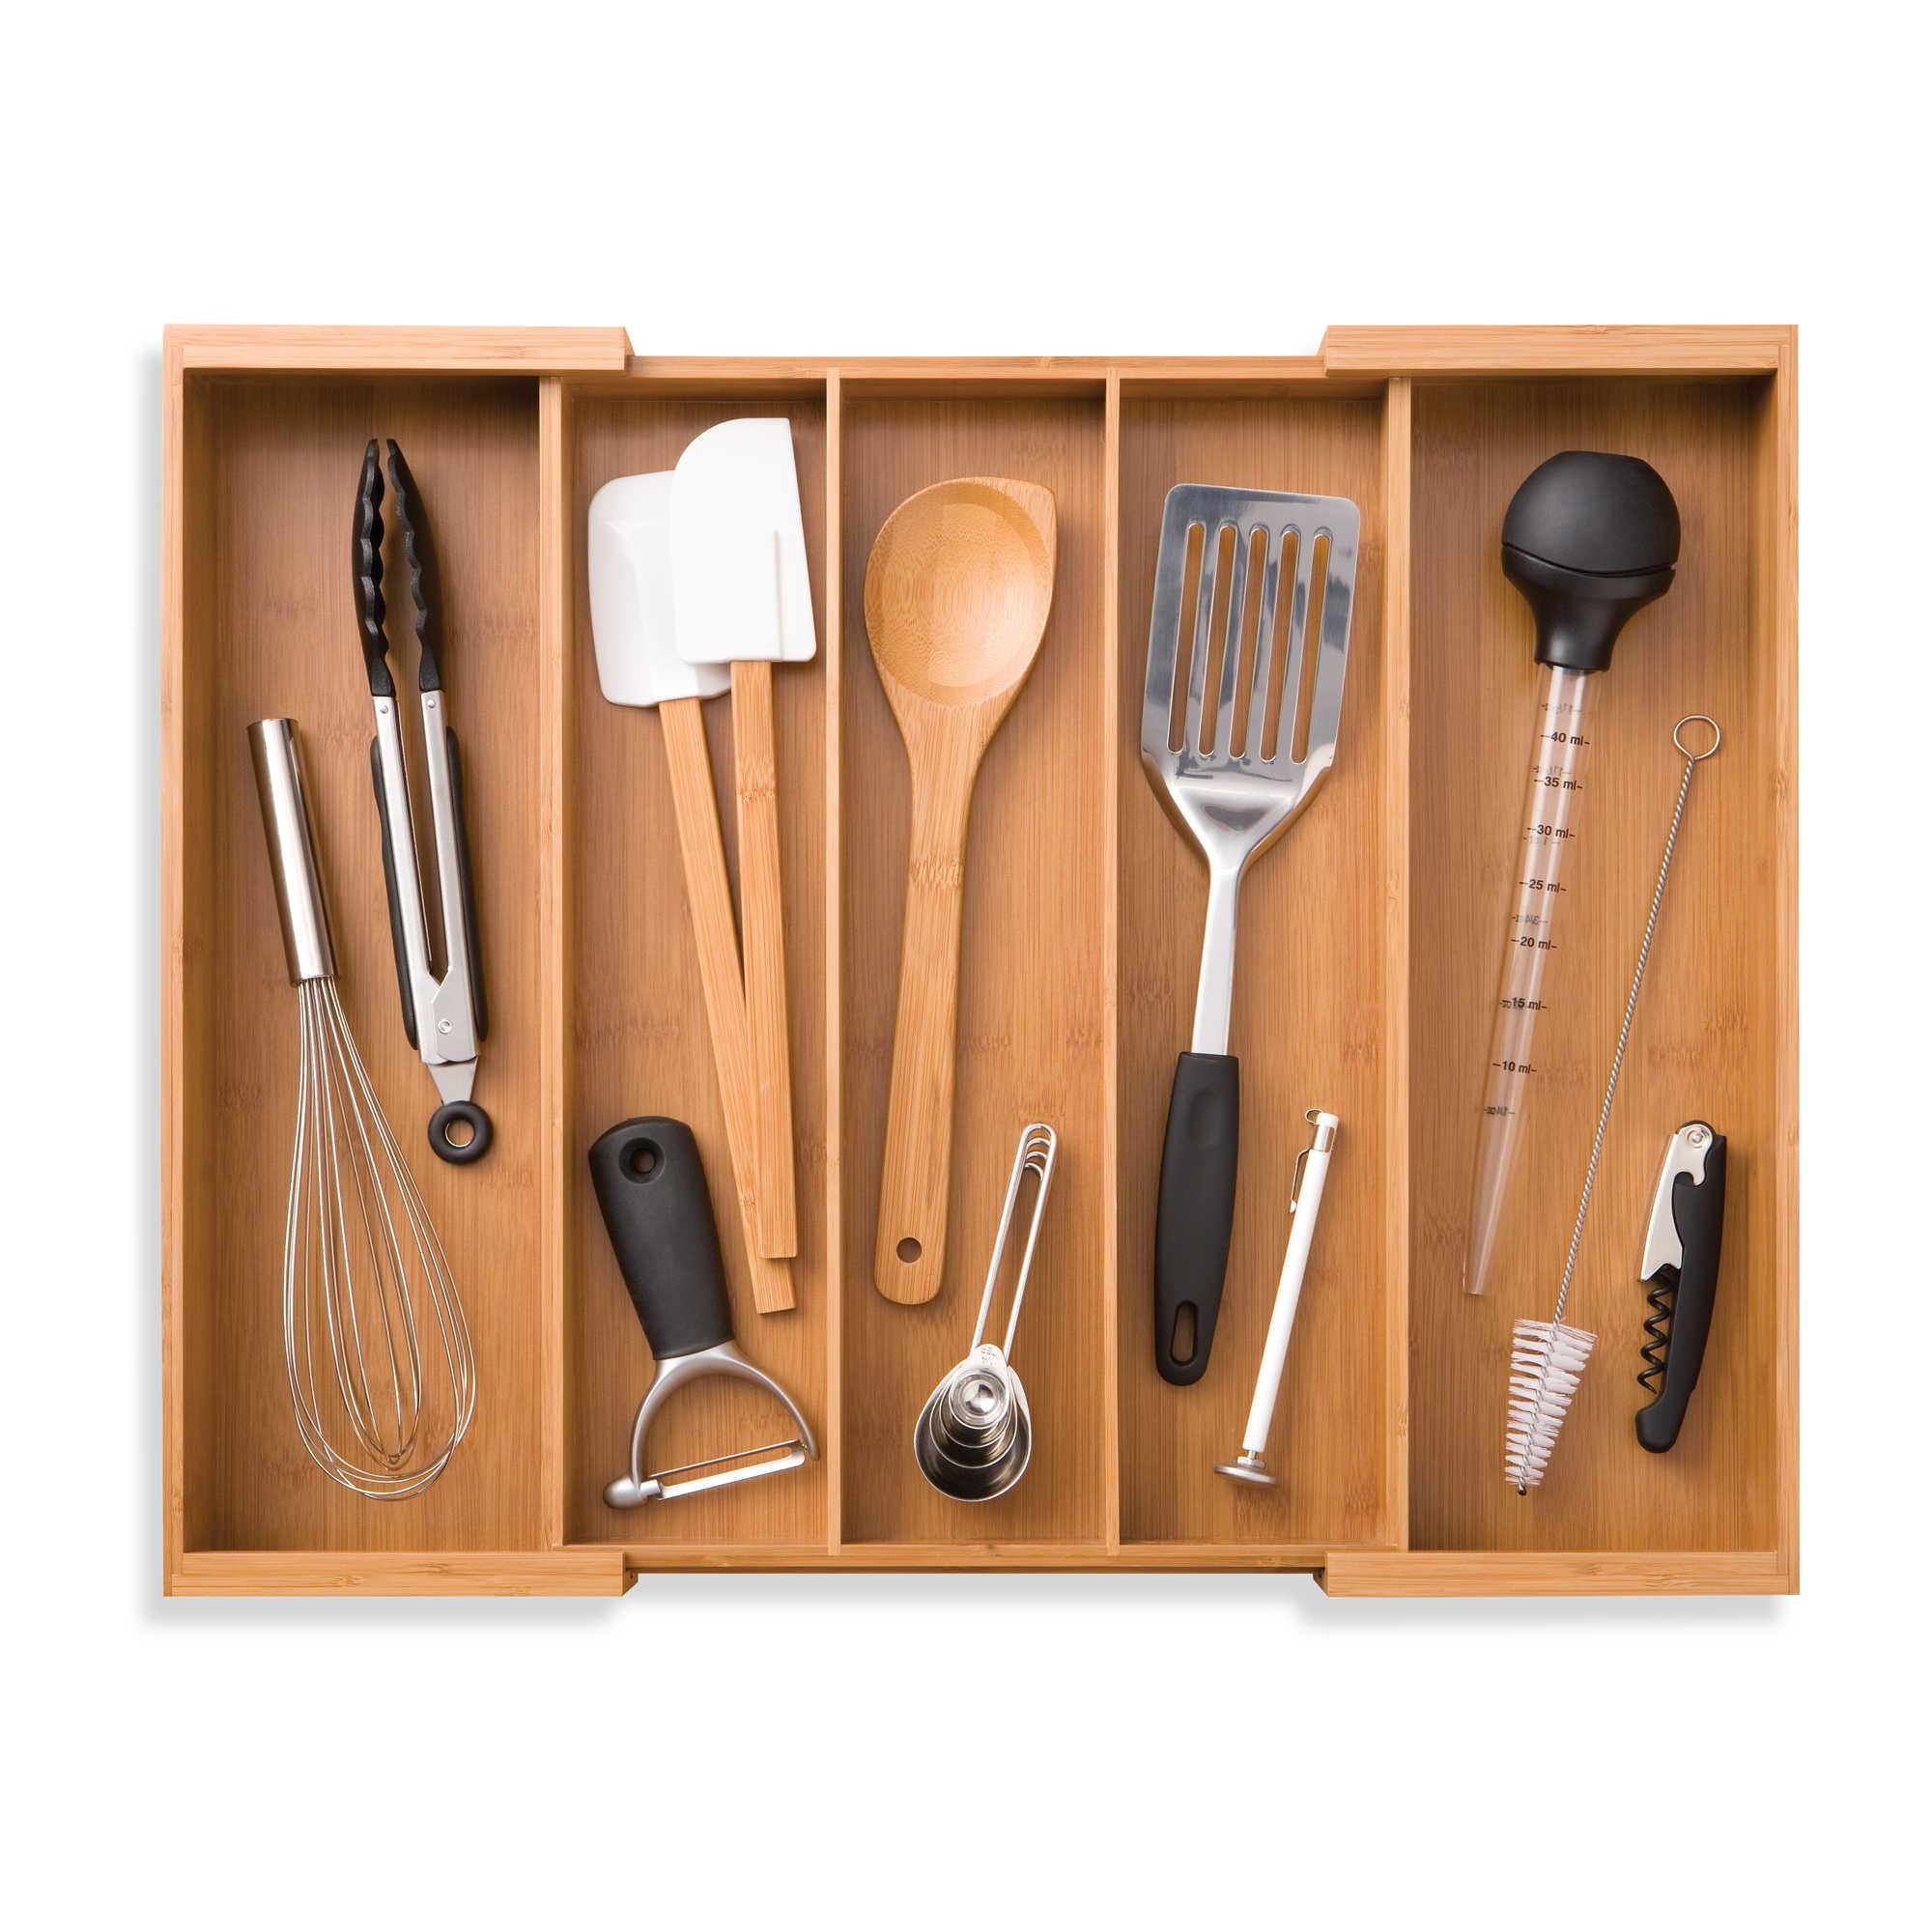 Diy Kitchen Drawer Dividers Kitchen Drawer Organizers Dividers Utensil Organizers Bed